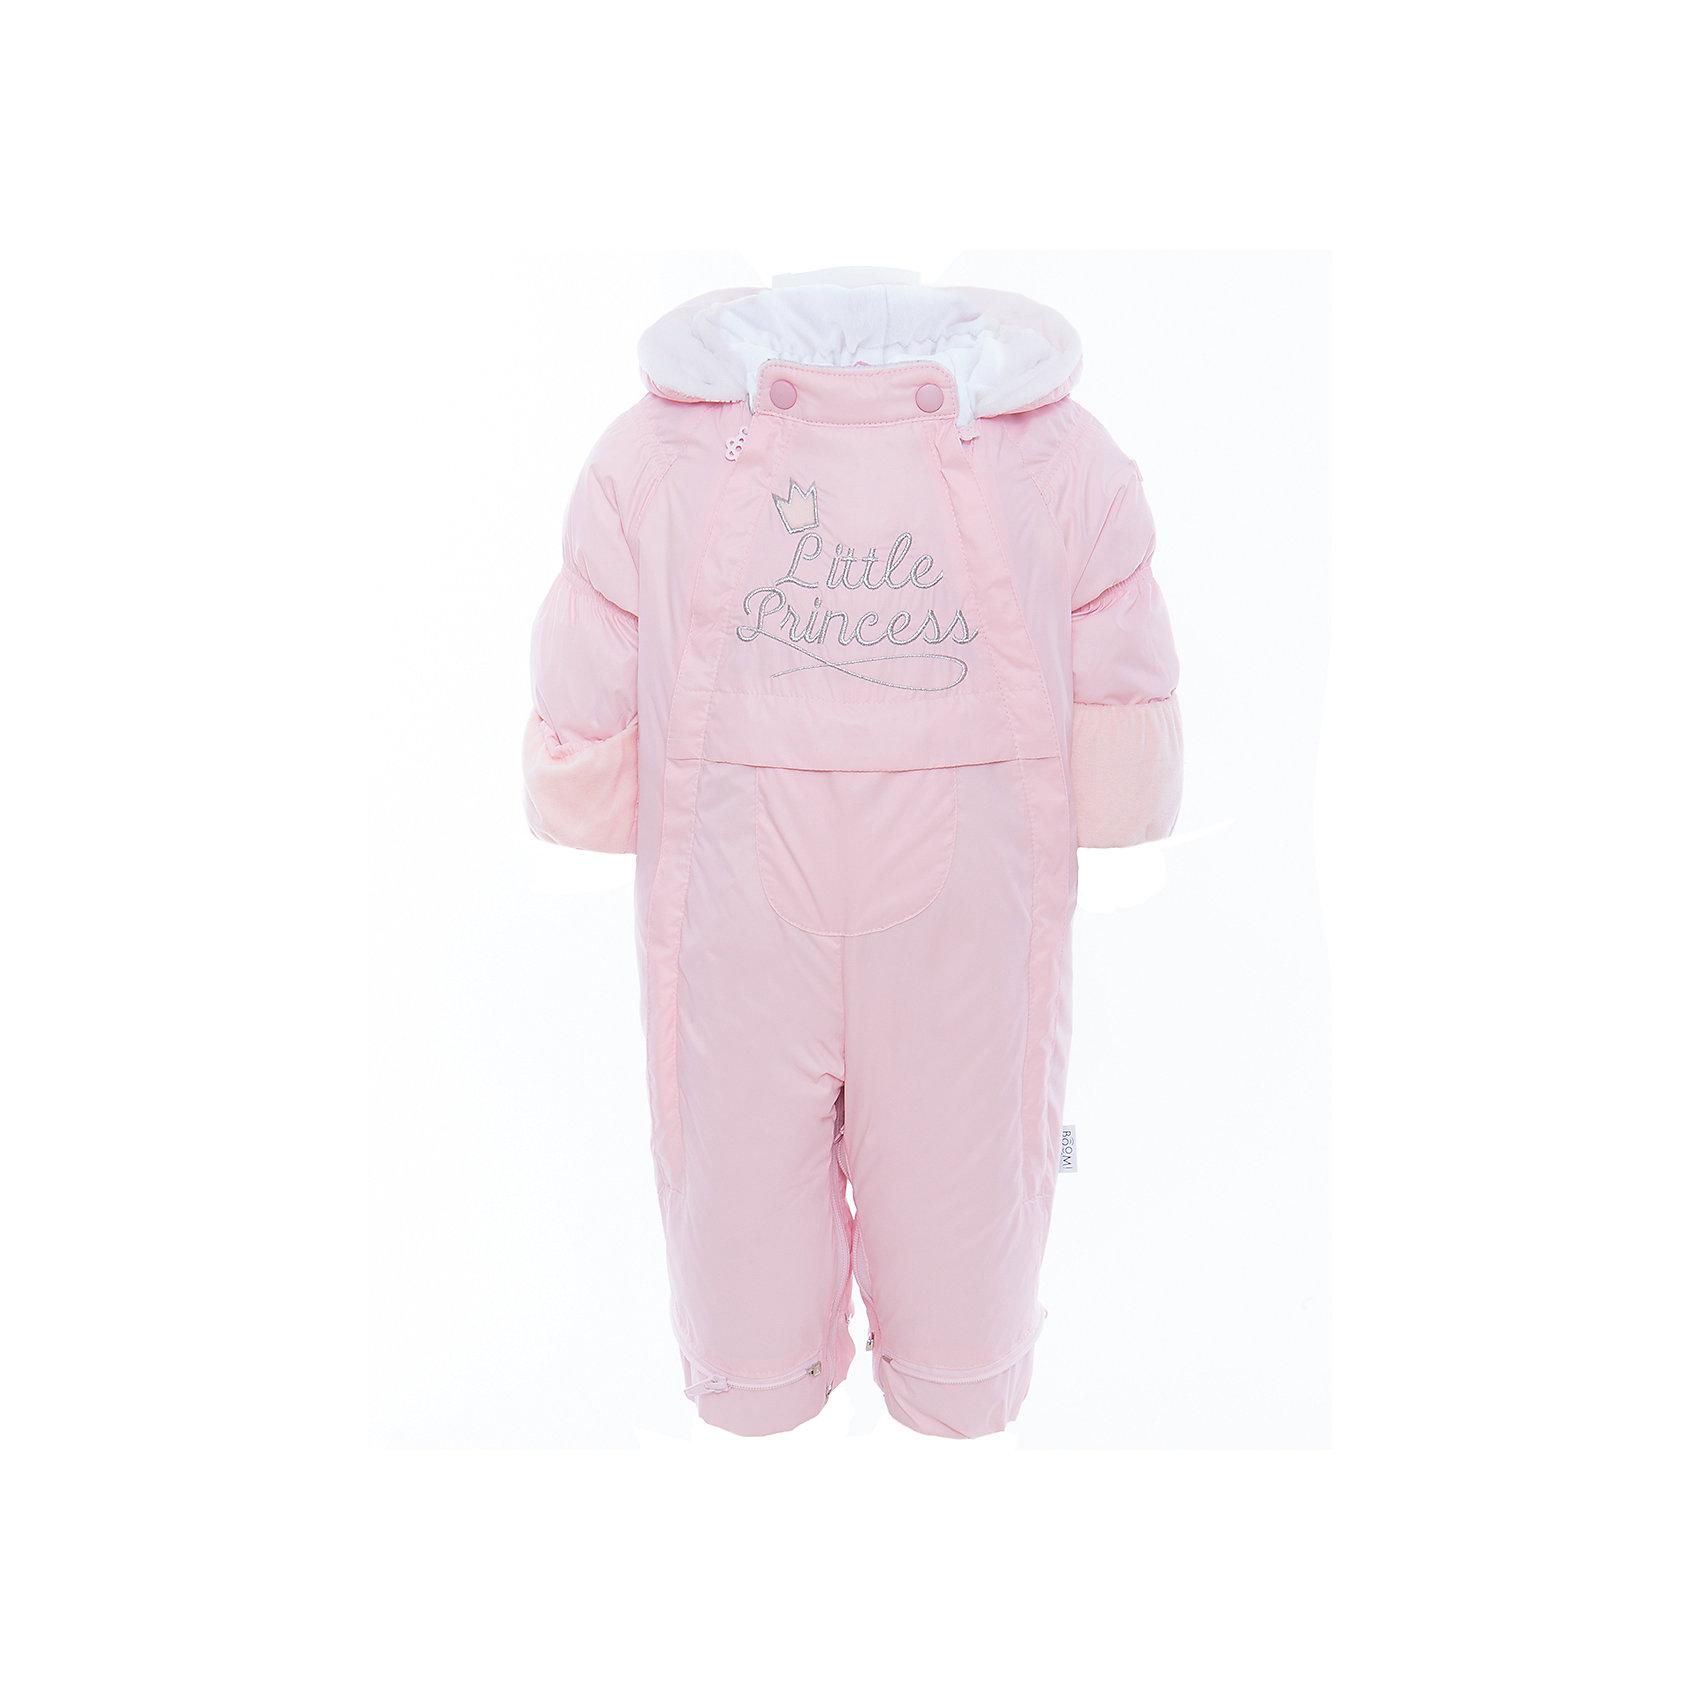 Комбинезон детский BOOM by OrbyВерхняя одежда<br>Характеристики товара:<br><br>• цвет: розовый<br>• состав: верх - болонь, подкладка - поликоттон, утеплитель: эко-синтепон 150 г/м2<br>• температурный режим: от -5 С° до +10 С° <br>• капюшон<br>• застежка - молния<br>• планка от ветра<br>• отделка велюром<br>• декорирована вышивкой<br>• комфортная посадка<br>• страна производства: Российская Федерация<br>• страна бренда: Российская Федерация<br>• коллекция: весна-лето 2017<br><br>Одежда для самых маленьких должна быть особо комфортной! Такой комбинезон - отличный вариант для межсезонья с постоянно меняющейся погодой. Эта модель - модная и удобная одновременно! Изделие отличается стильным ярким дизайном. Комбинезон дополнен мягкой подкладкой. Вещь была разработана специально для малышей.<br><br>Одежда от российского бренда BOOM by Orby уже завоевала популярностью у многих детей и их родителей. Вещи, выпускаемые компанией, качественные, продуманные и очень удобные. Для производства коллекций используются только безопасные для детей материалы. Спешите приобрести модели из новой коллекции Весна-лето 2017! <br><br>Комбинезон детский от бренда BOOM by Orby можно купить в нашем интернет-магазине.<br><br>Ширина мм: 356<br>Глубина мм: 10<br>Высота мм: 245<br>Вес г: 519<br>Цвет: розовый<br>Возраст от месяцев: 6<br>Возраст до месяцев: 9<br>Пол: Унисекс<br>Возраст: Детский<br>Размер: 74,62,68<br>SKU: 5343541